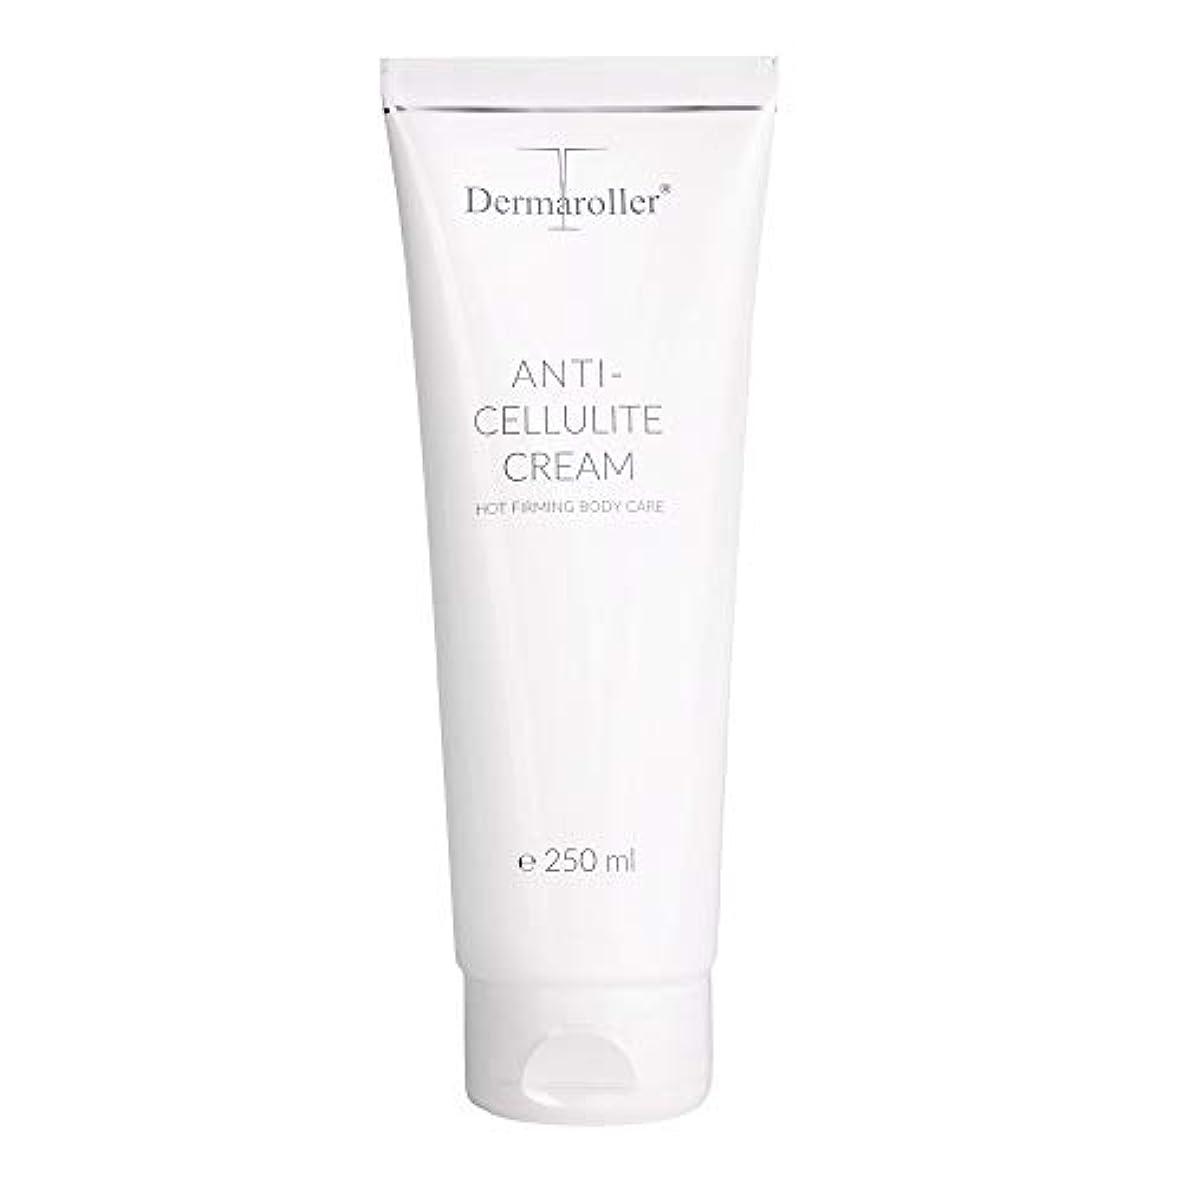 祈る患者南方のDermaroller アンチ セルライト クリーム 250ml [Dermaroller]Anti-Cellulite Cream